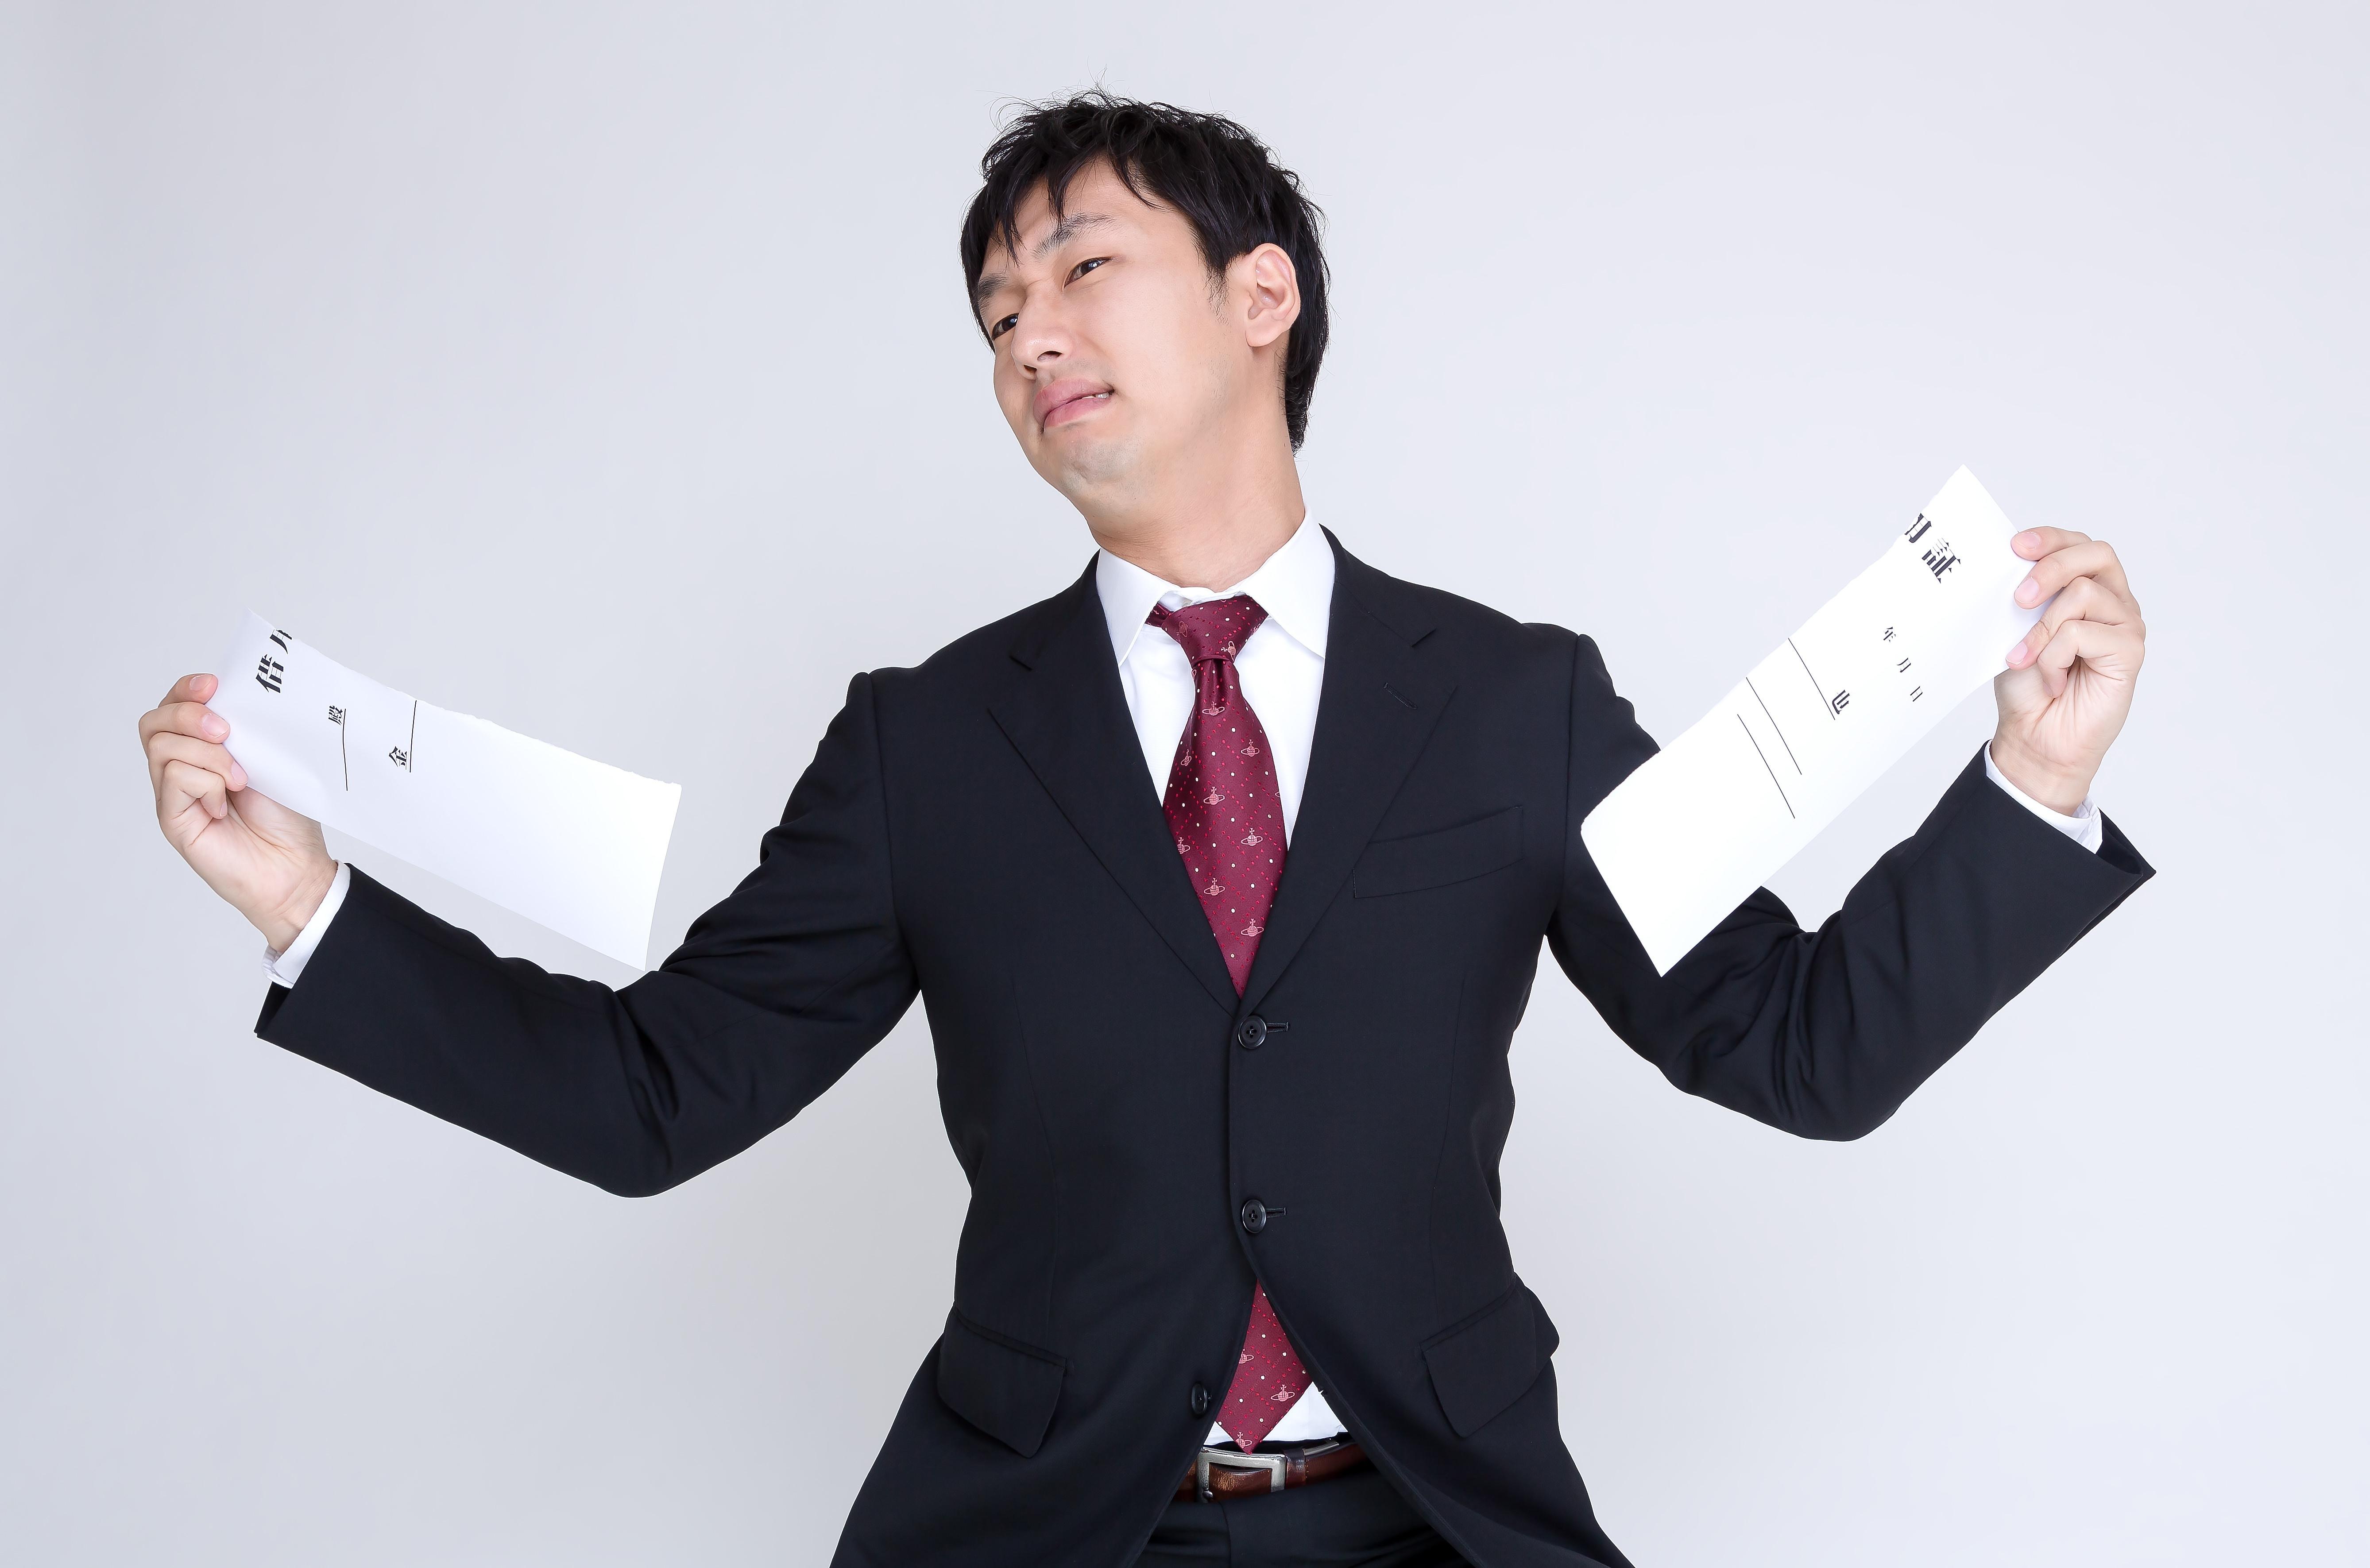 儲からない投資家になる7つの方法:2.最大レバレッジで攻め続けろ